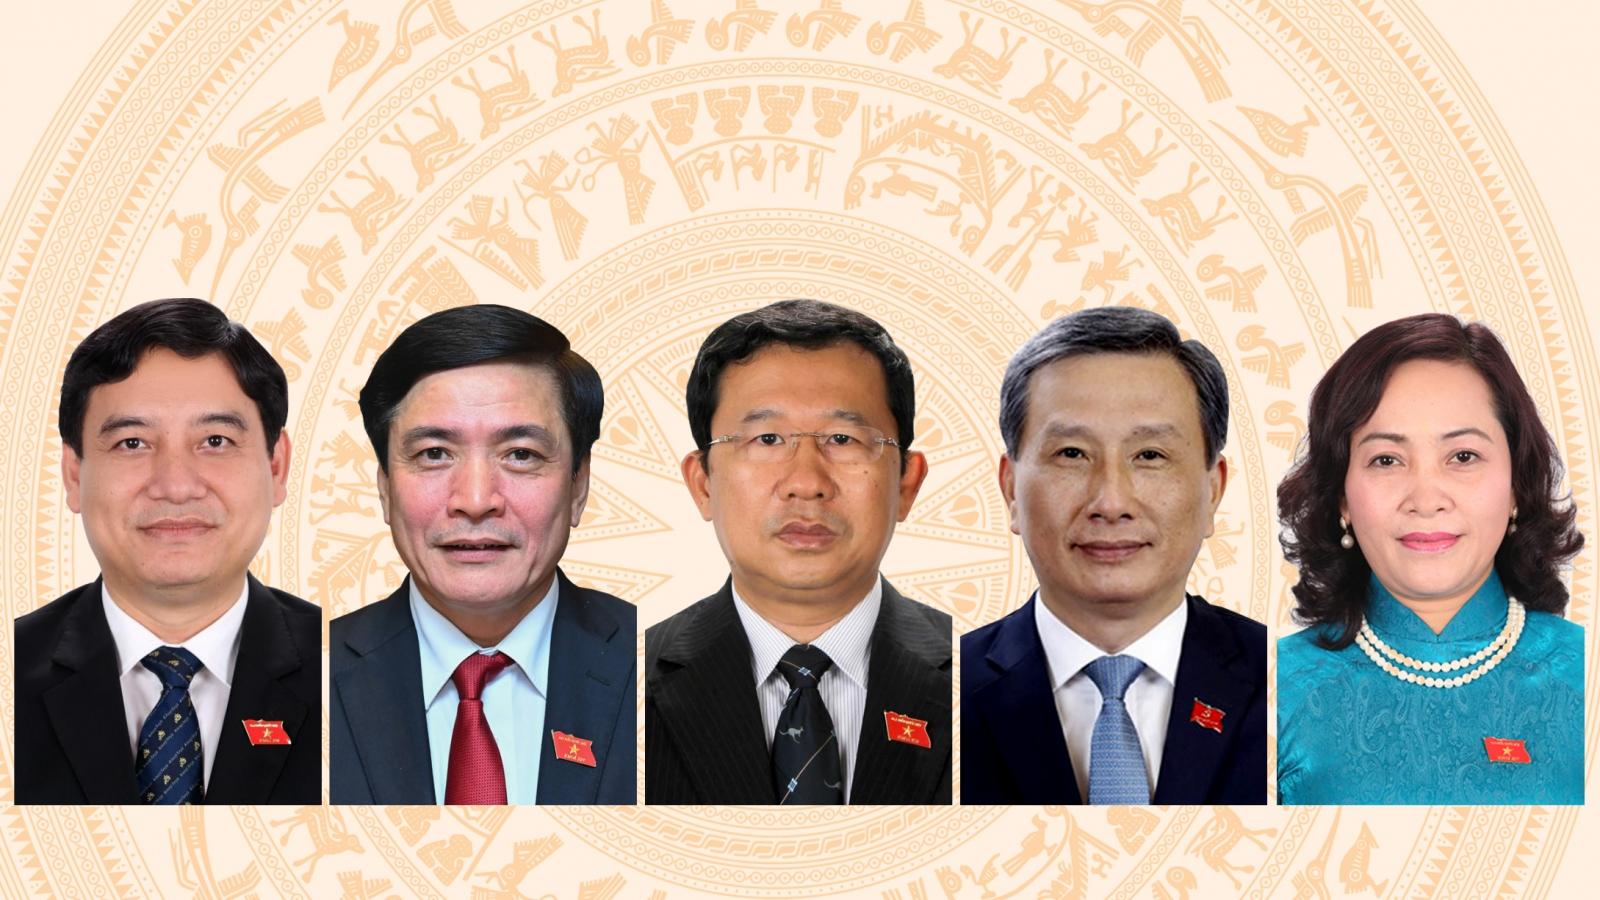 Chân dung 5 ủy viên Ủy ban Thường vụ Quốc hội mới